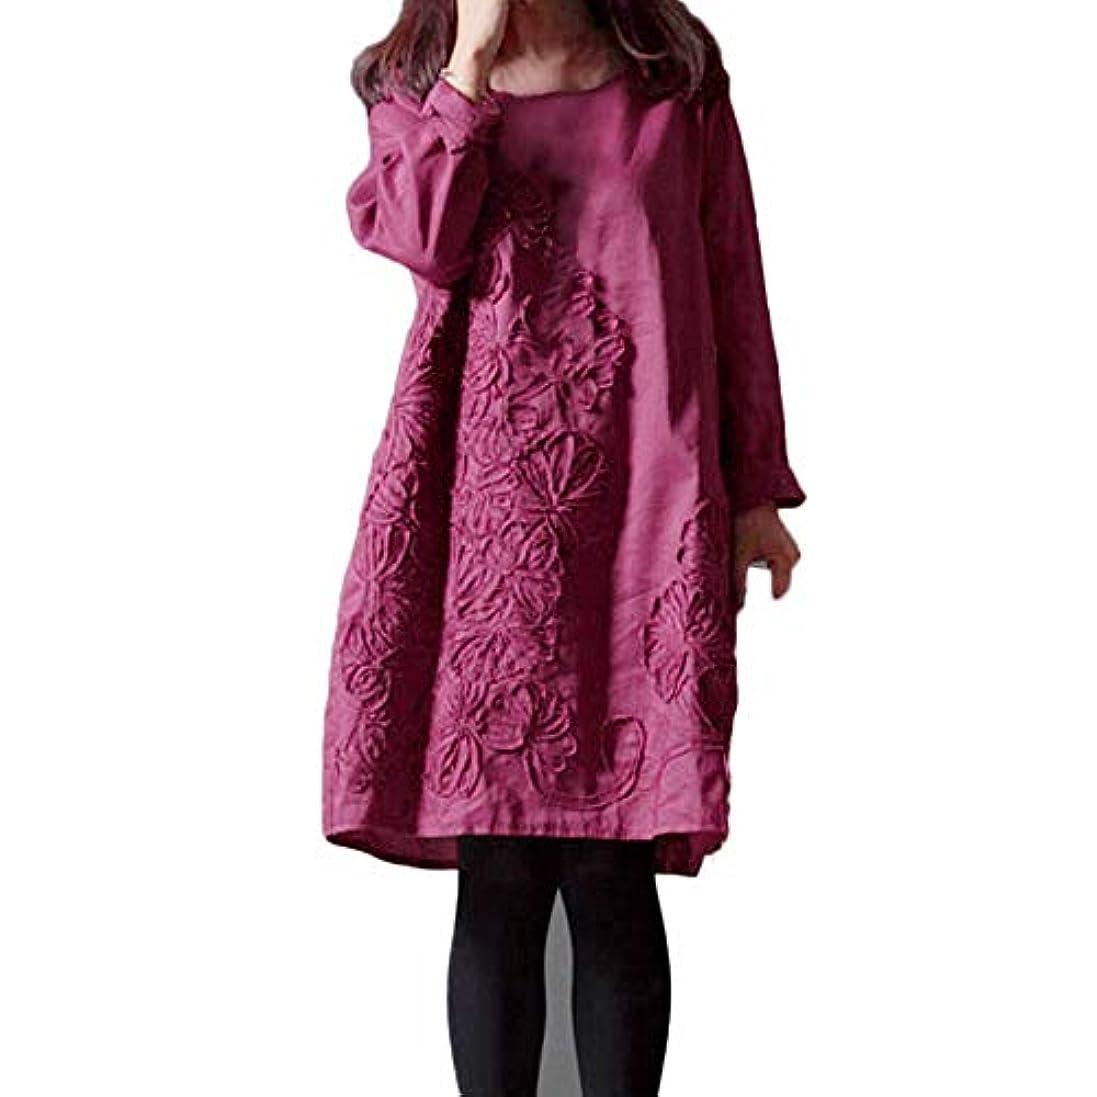 森林移民ルーキー女性ドレス 棉麻 YOKINO 花柄 刺繍 ゆったり 体型カバー 森ガール ゆったり 着痩せ レディース白ワンピース 大人 ワンピース 春 夏 秋 ワンピース 大きいサイズ ゆったり 着痩せ